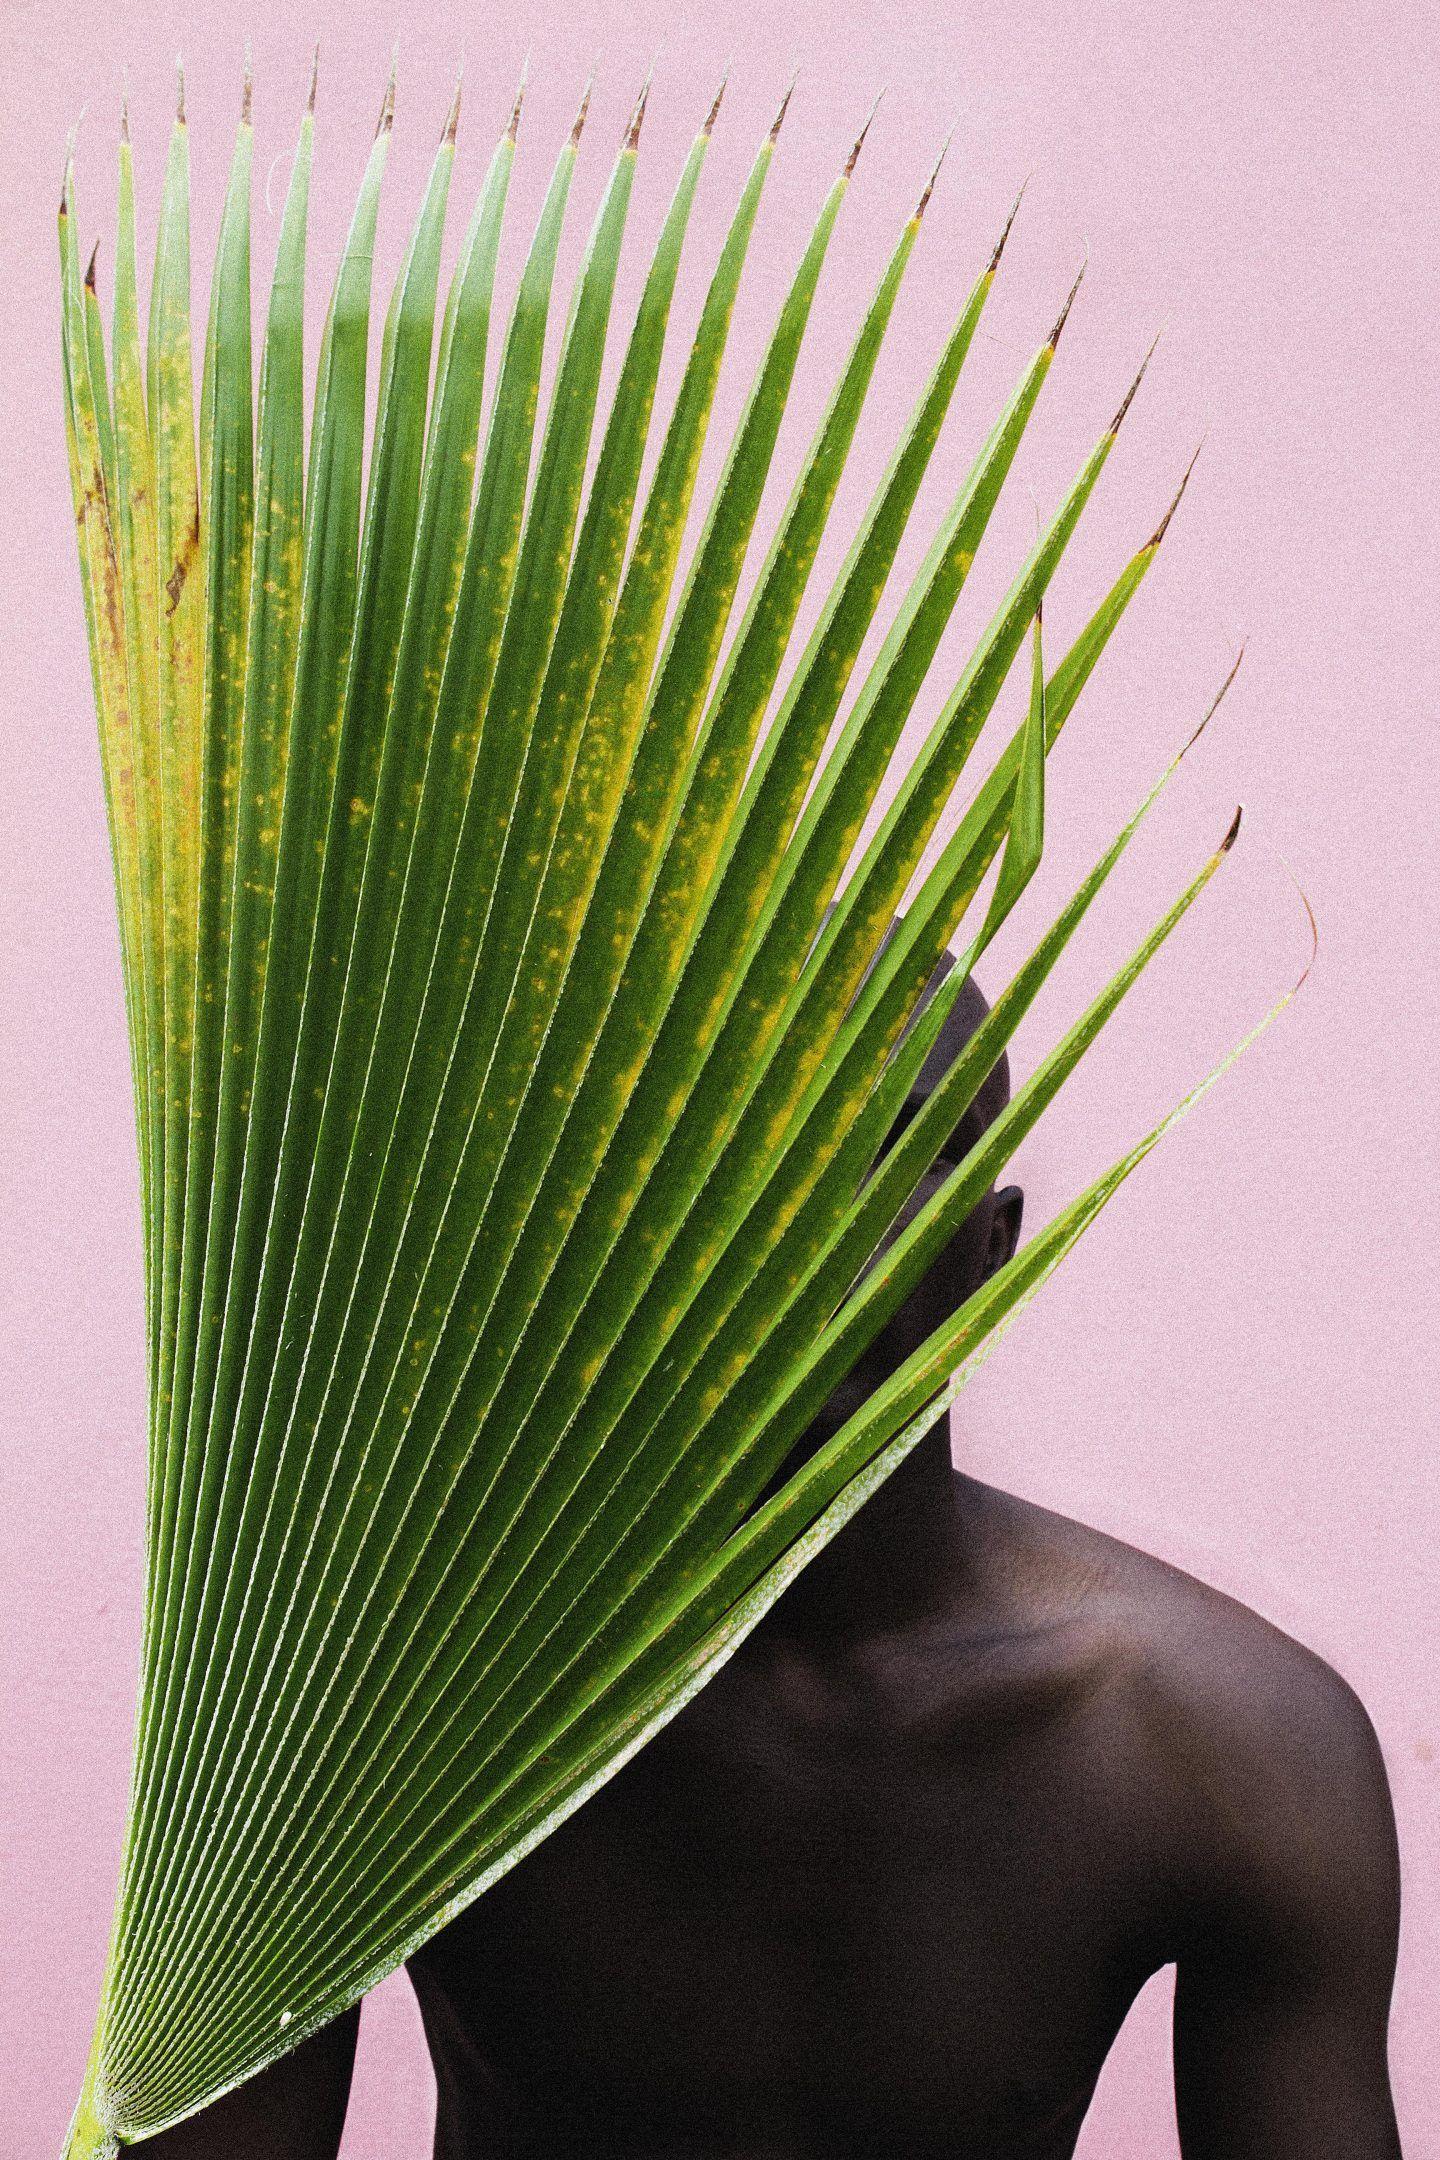 IGNANT-Photography-LakinOgunbanwo-7